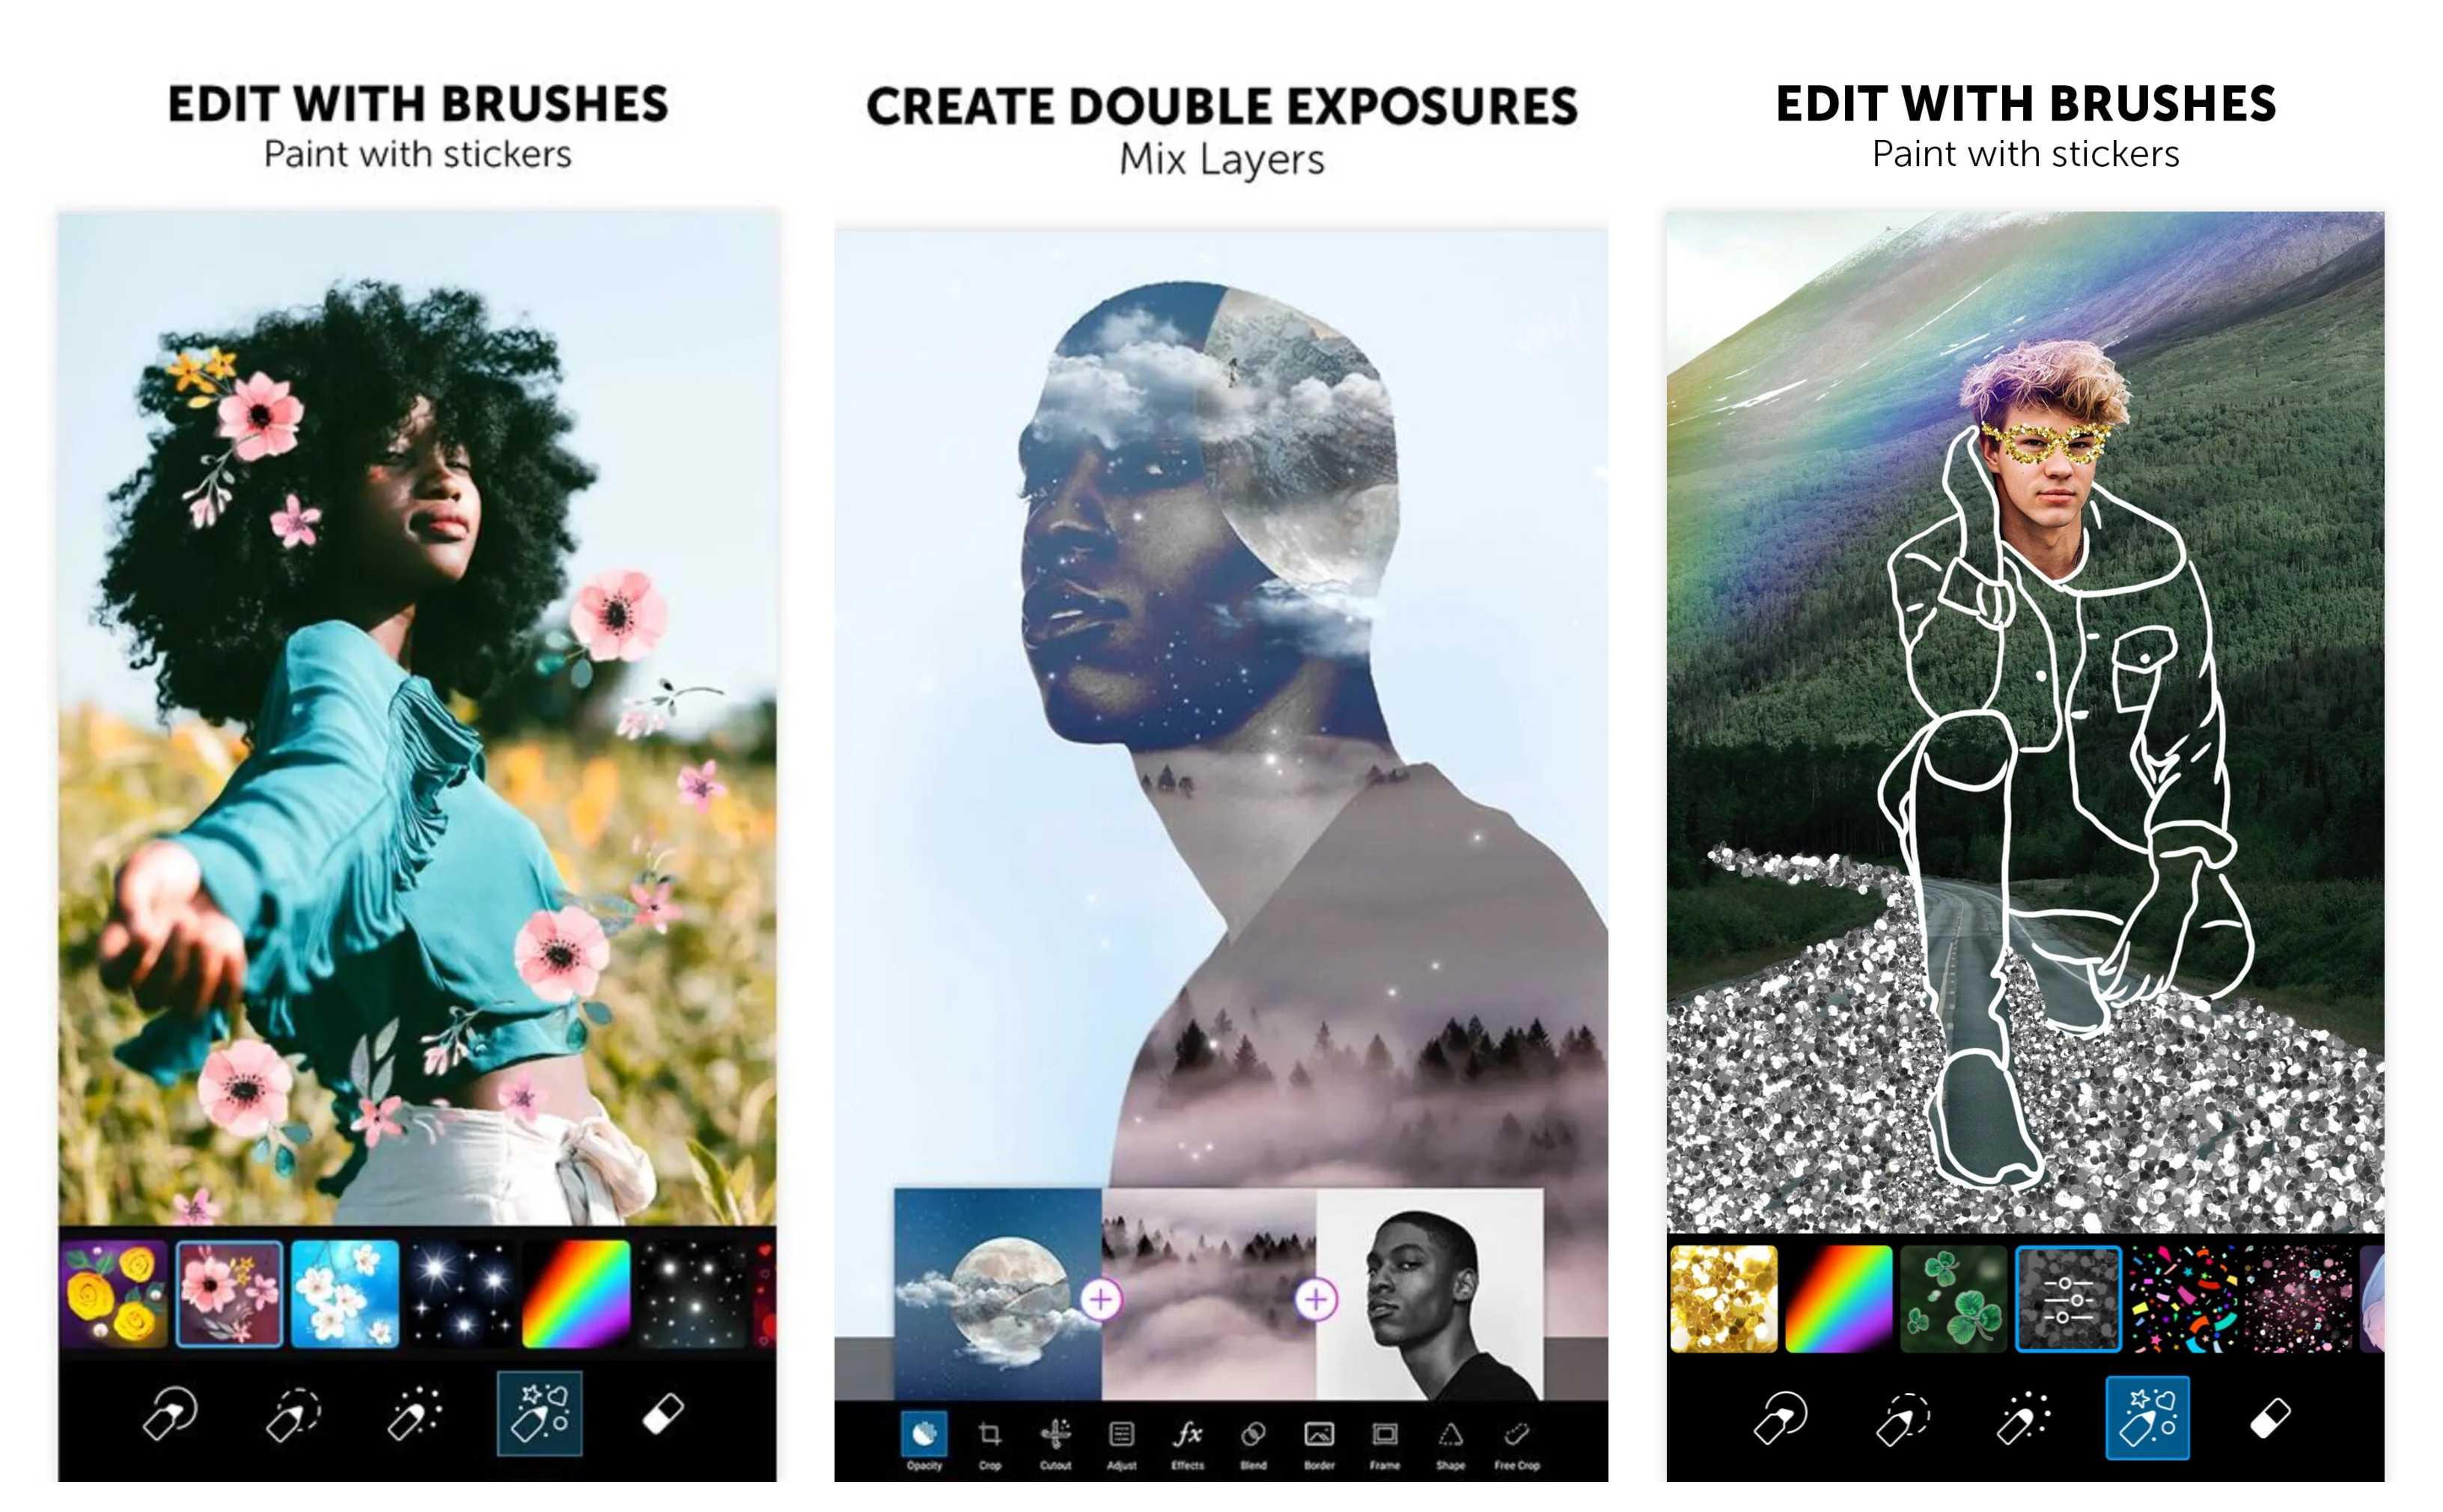 Телефонная обработка фотографий: 5 полезных приложений-Фото 3